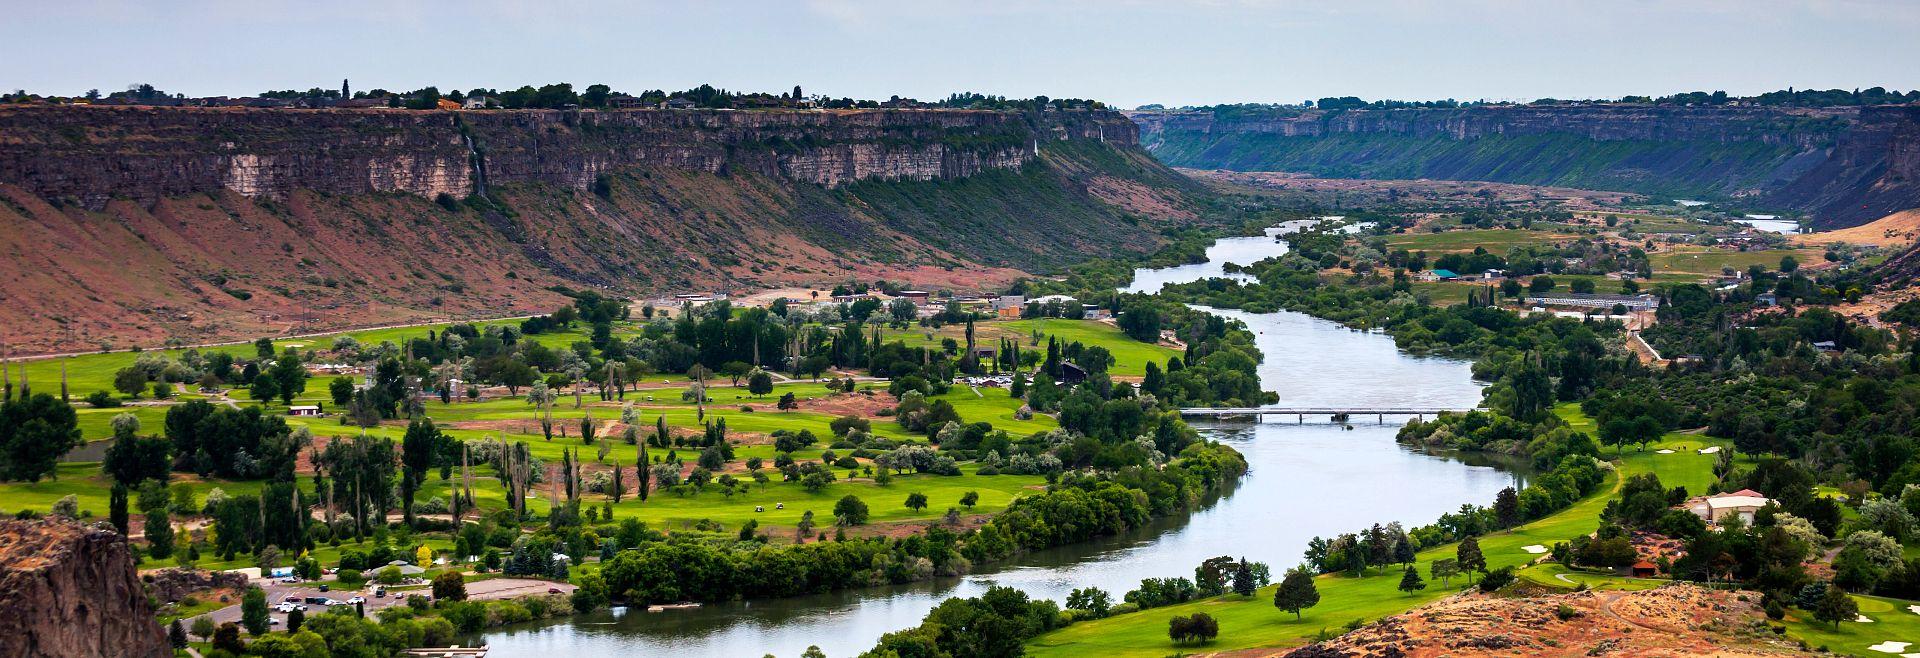 Skyline of Snake River